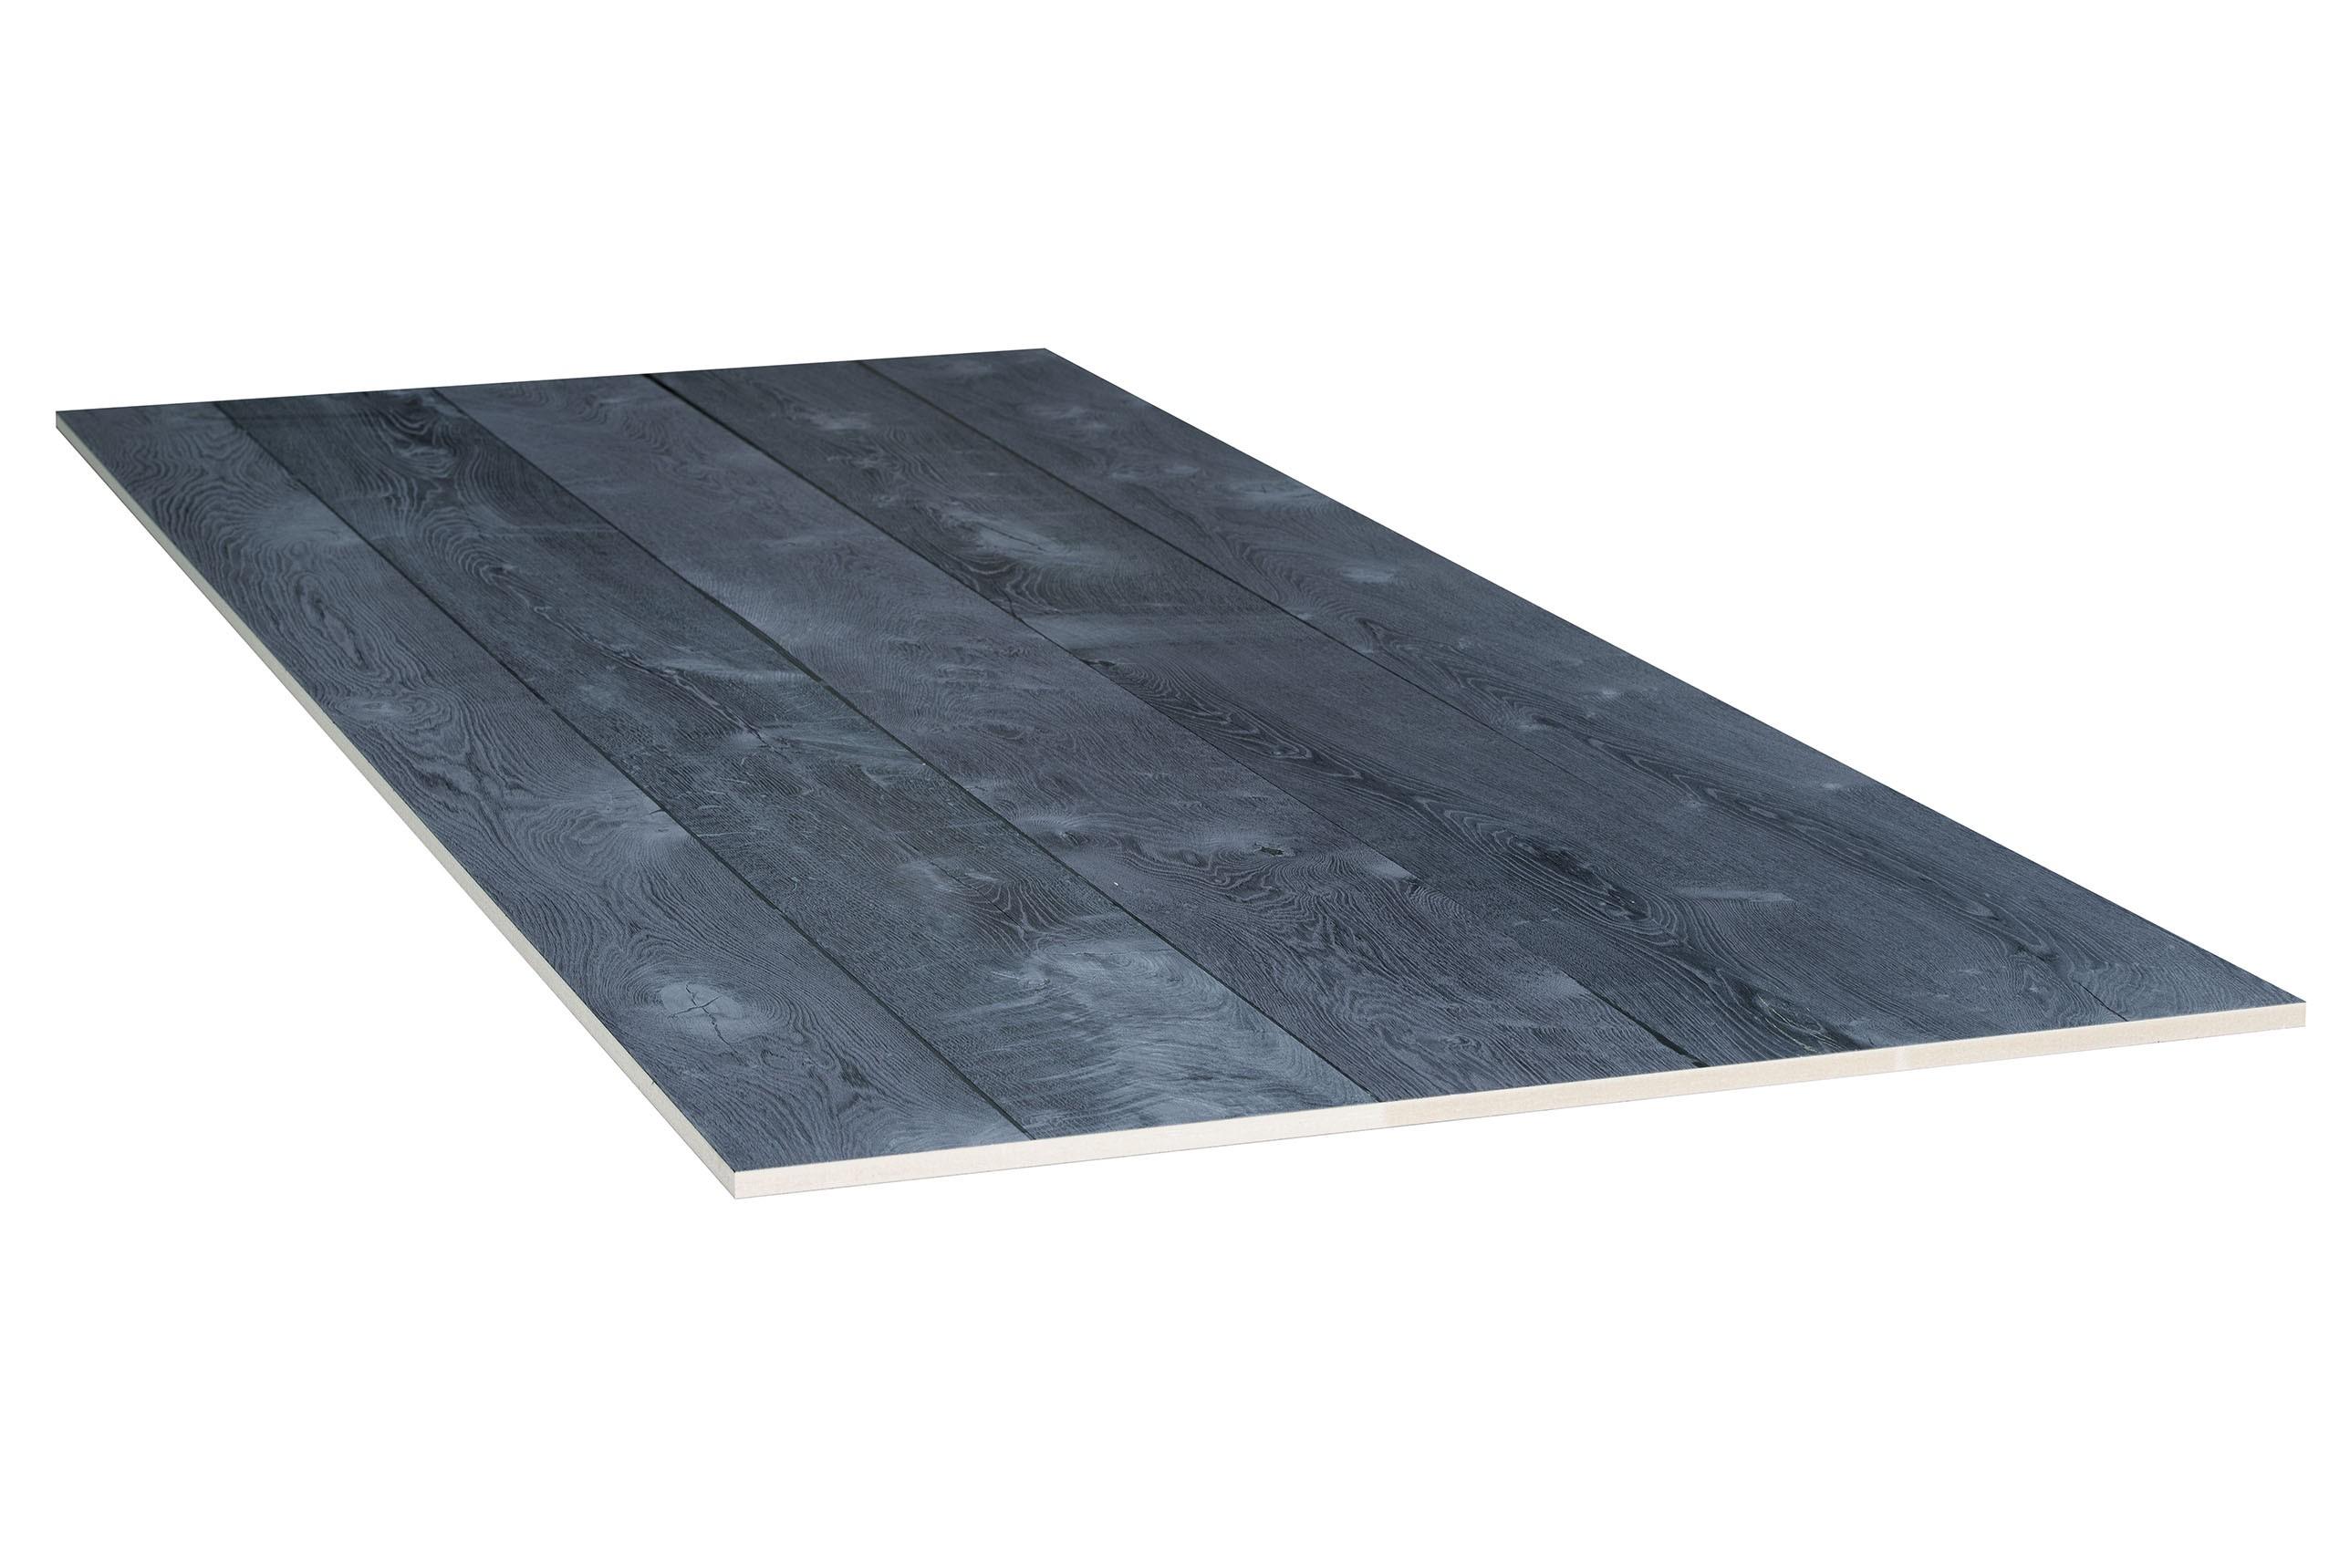 Eiken Balkenhout fineer 0,9 mm op  grafiet grijs geborsteld   20x1210x3040 mm